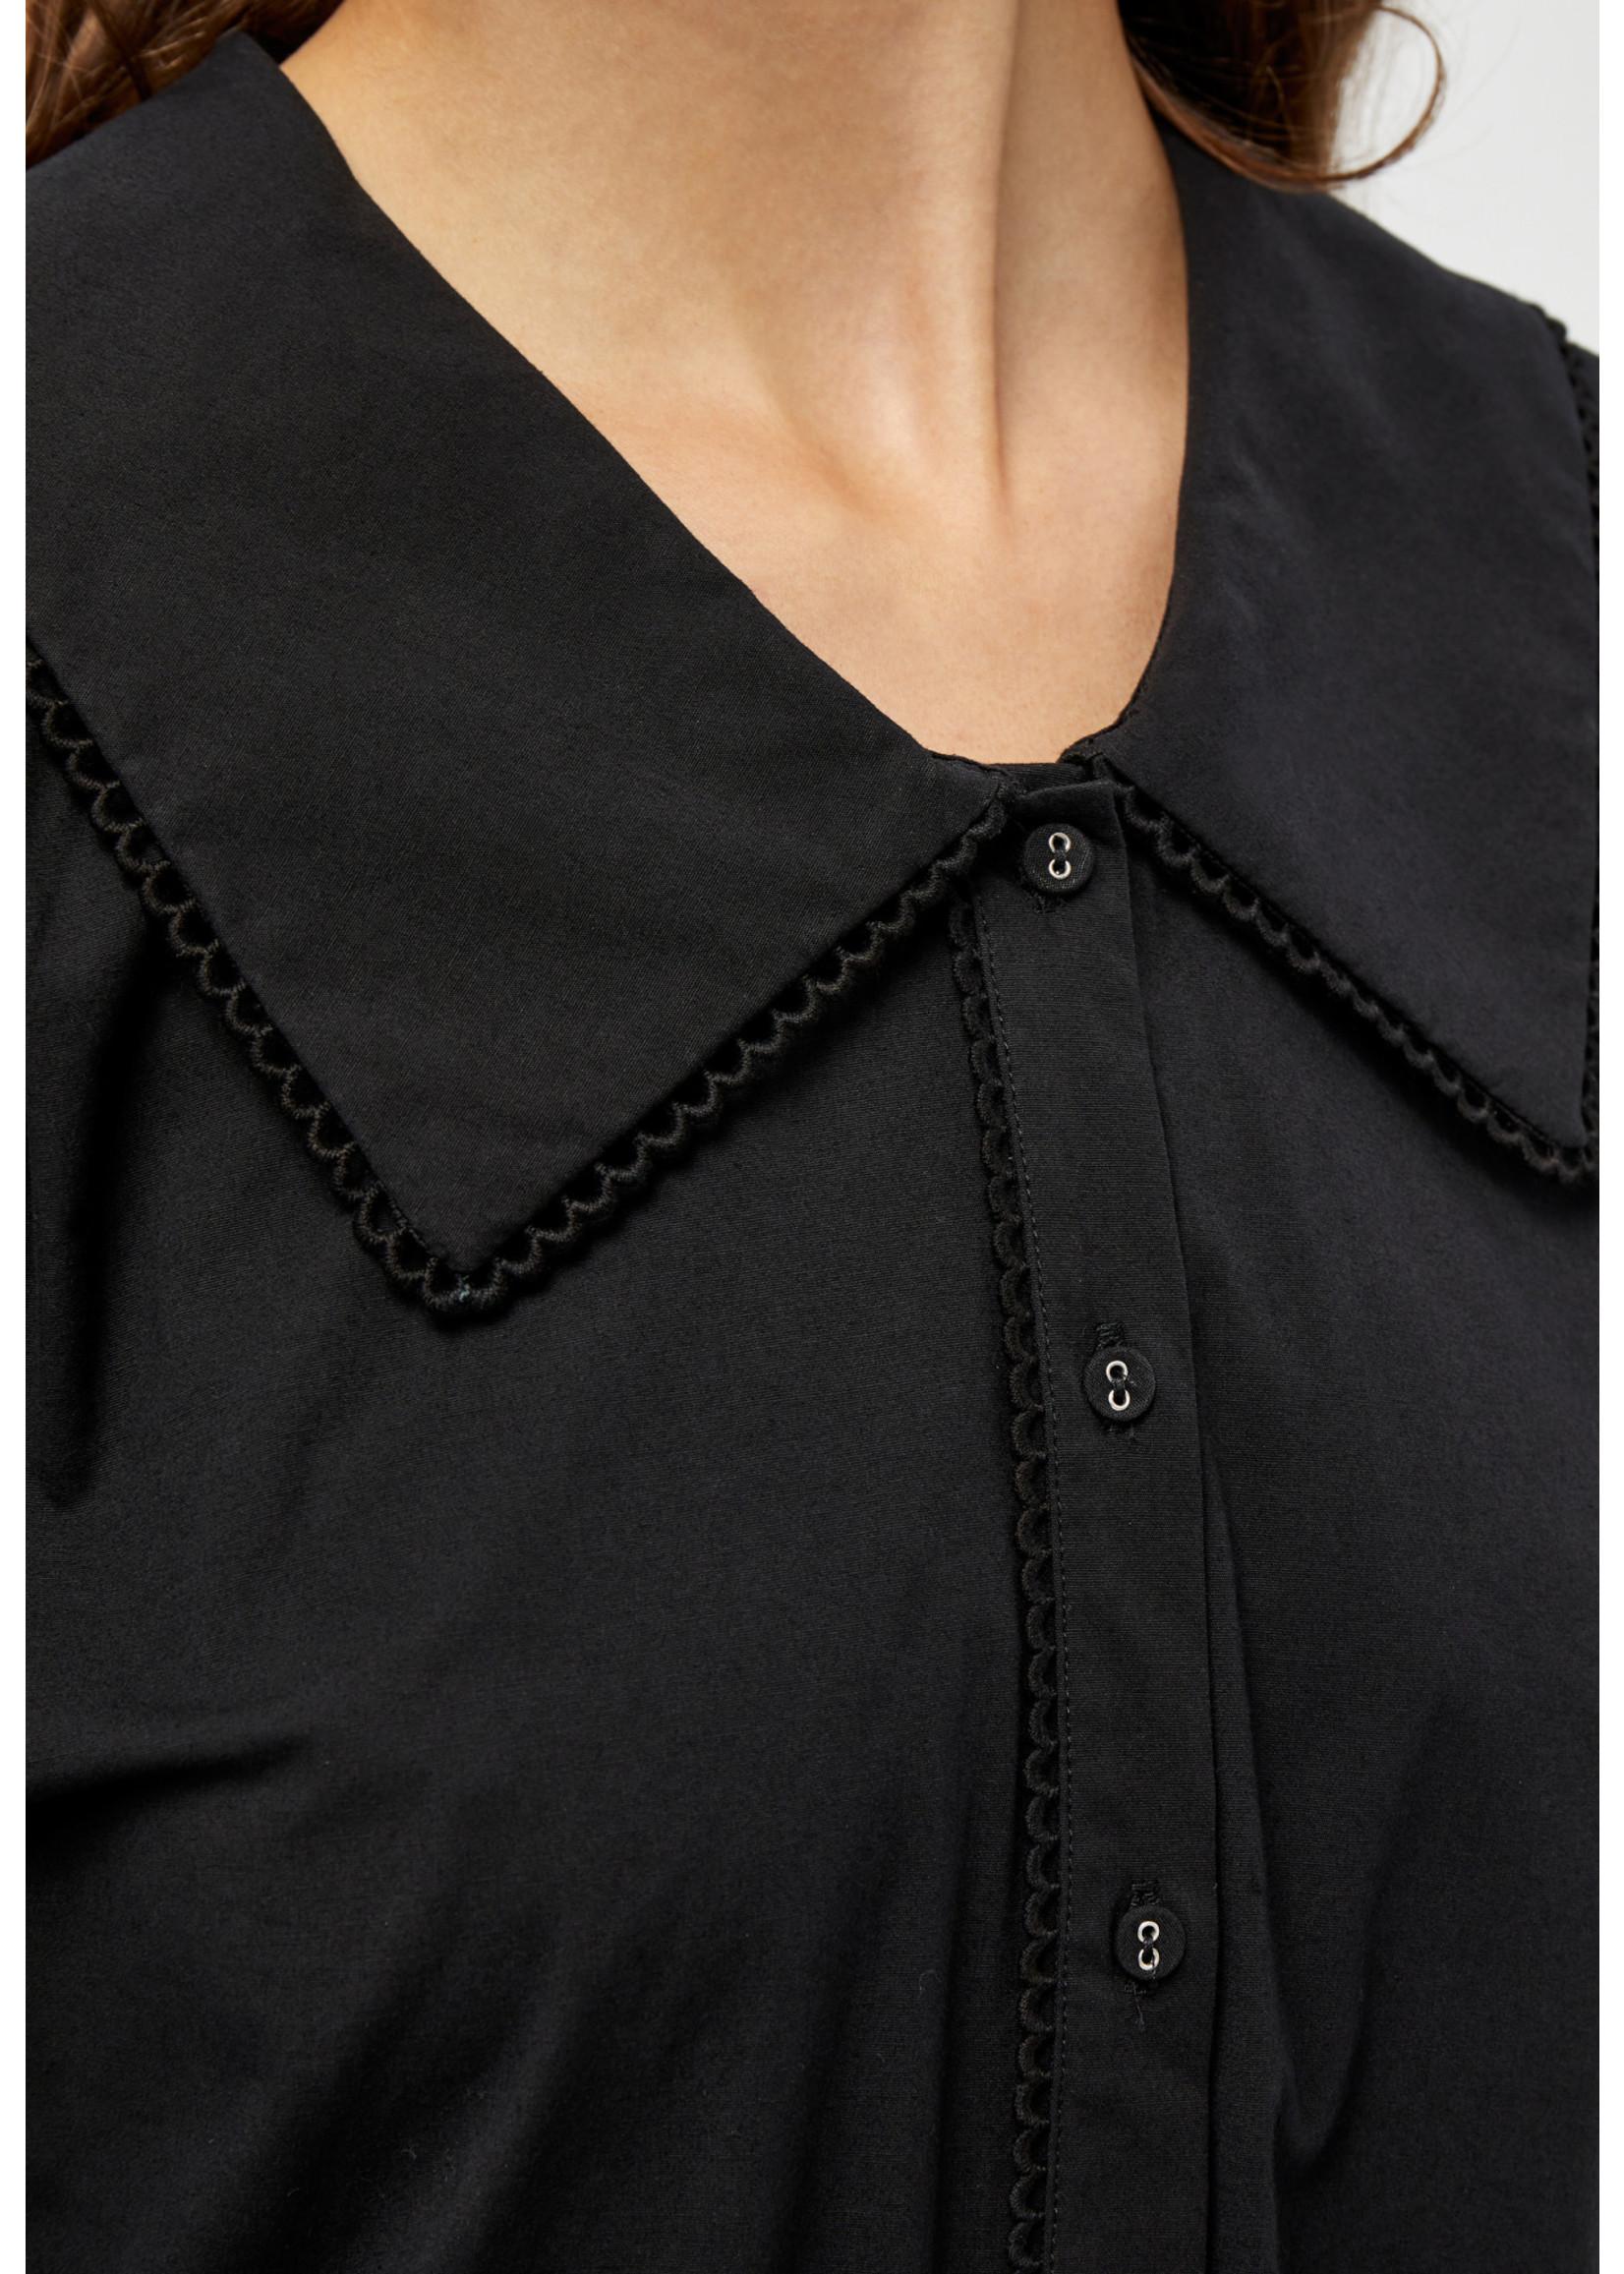 MINUS DELPHIA SHIRT black